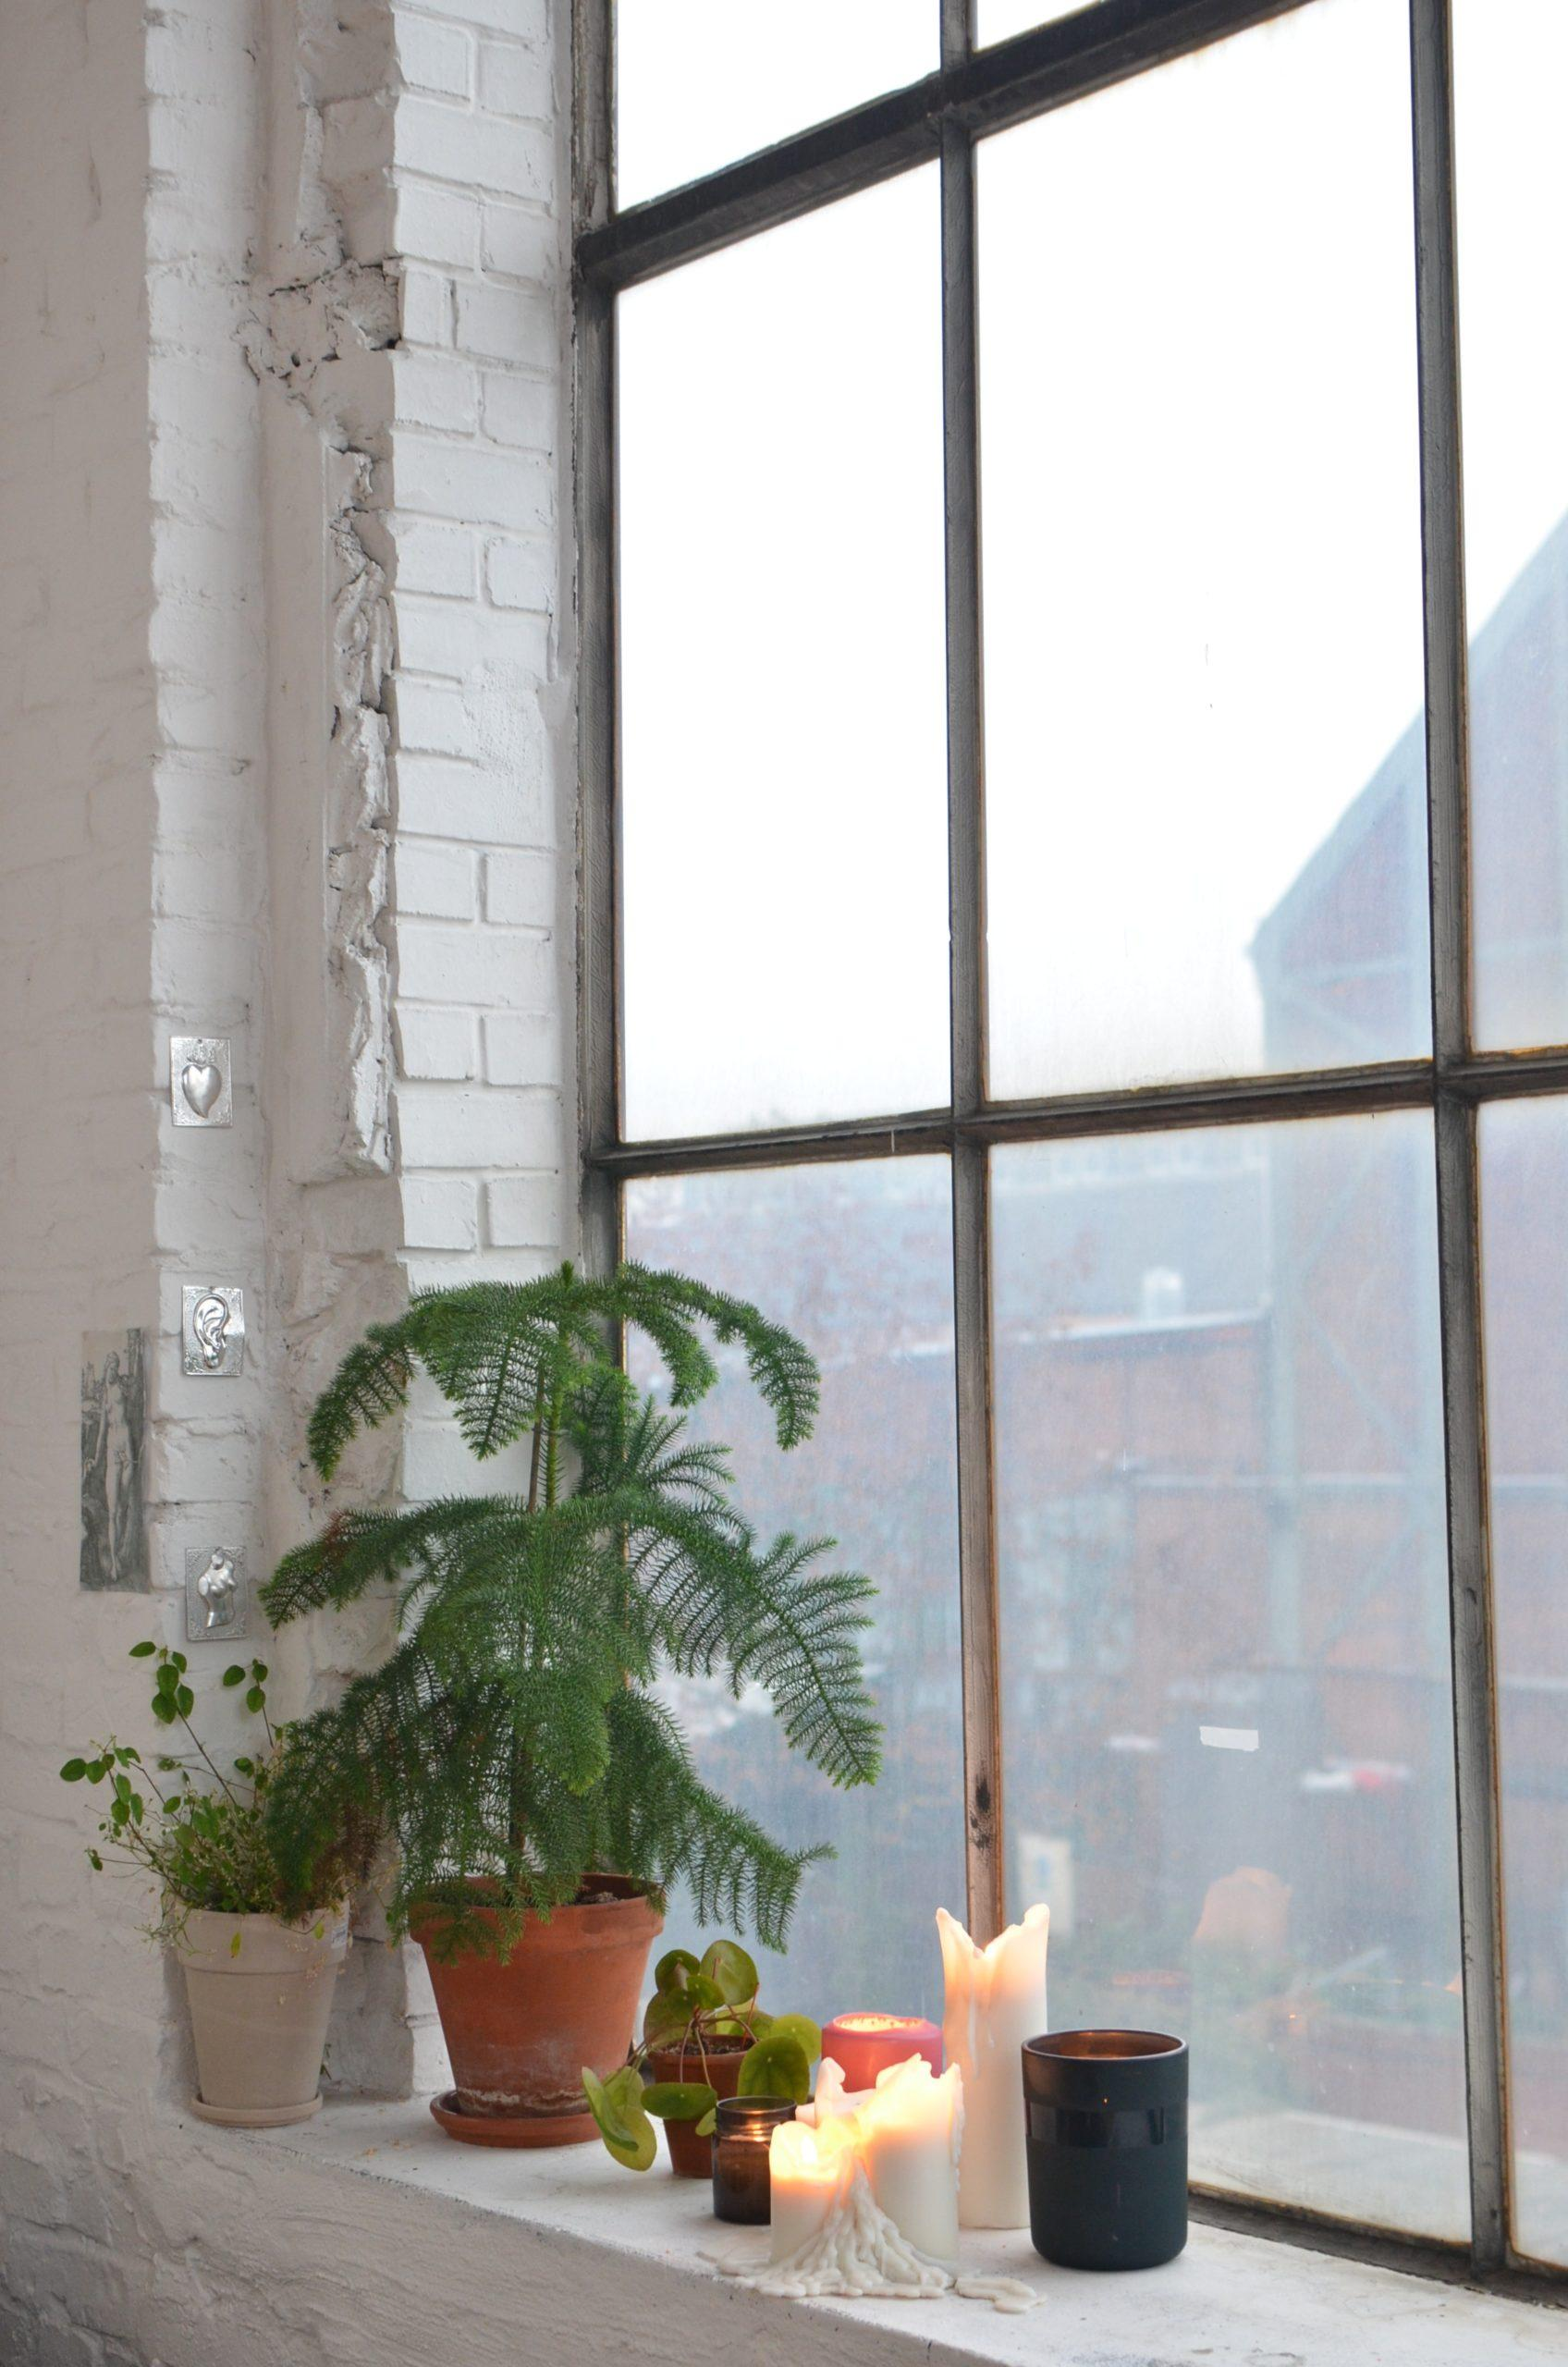 Groot raam met kerstboom